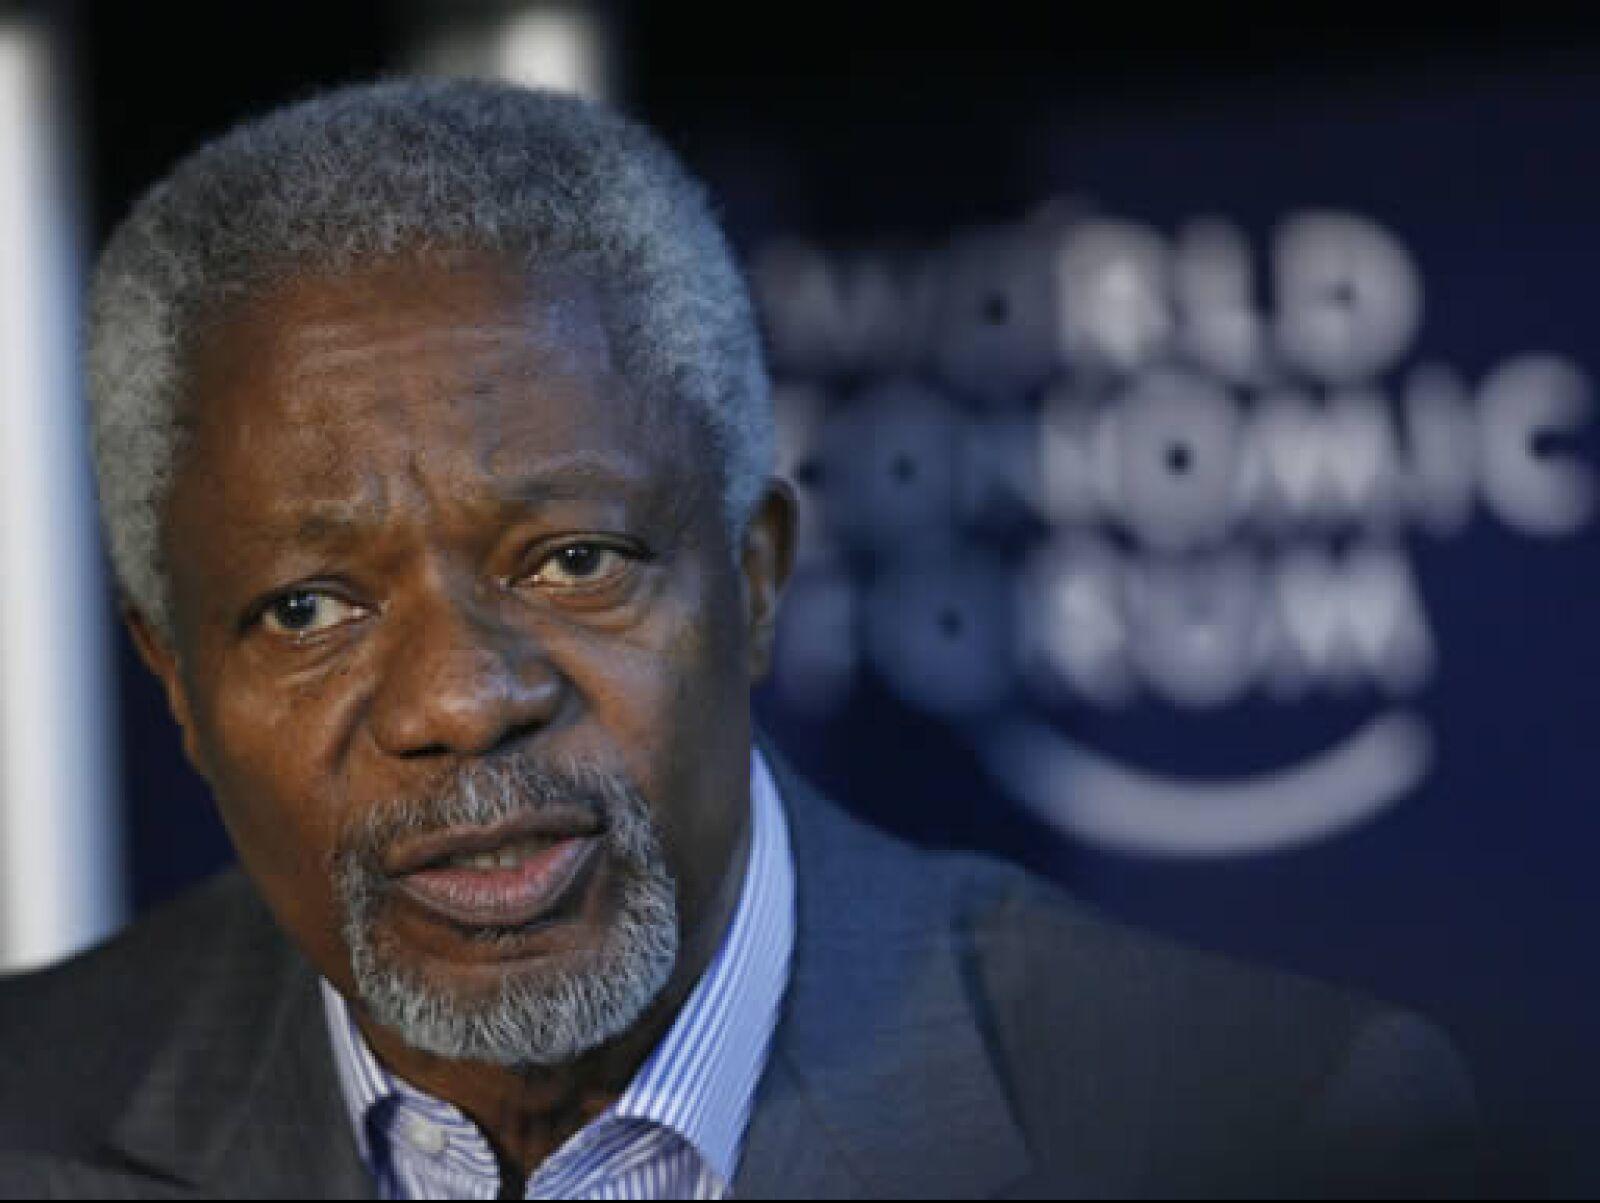 El ex secretario general de Naciones Unidas, Kofi Annan, quien es codirector del World Economic Forum, dijo que el mundo necesita que tanto los líderes políticos como los empresariales cooperen para encontrar soluciones. (Foto: Reuters)